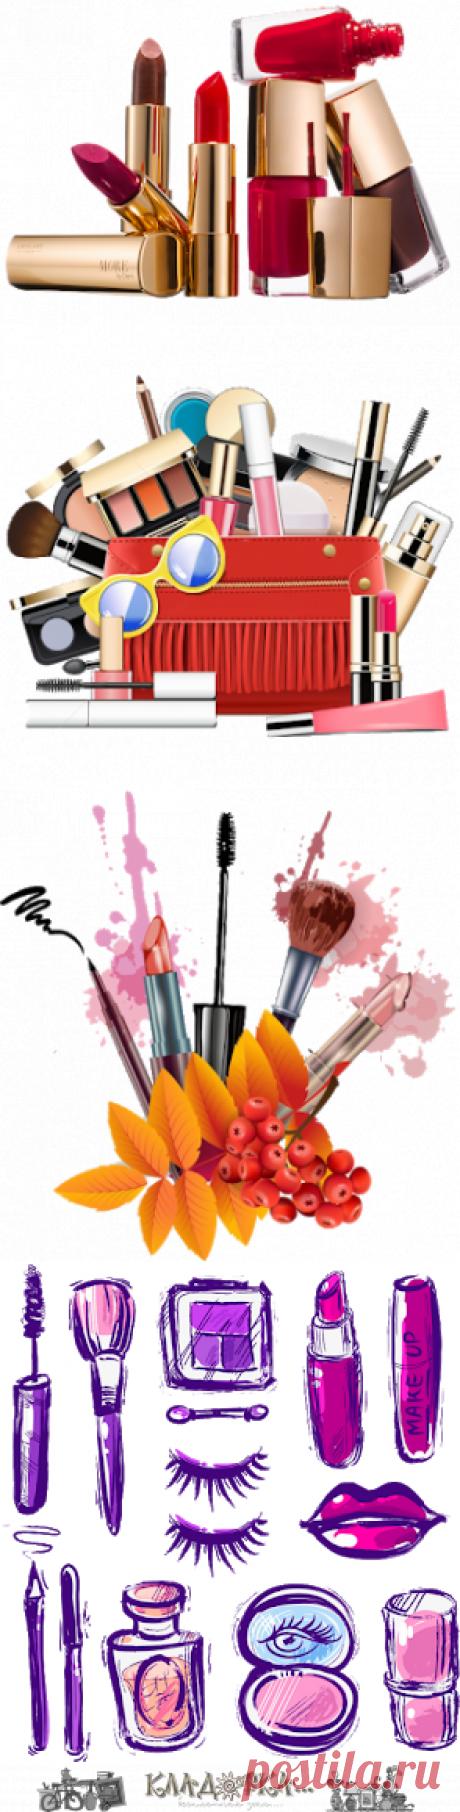 Кладовка...: Мейкап (make up) - косметика - на прозрачном фоне